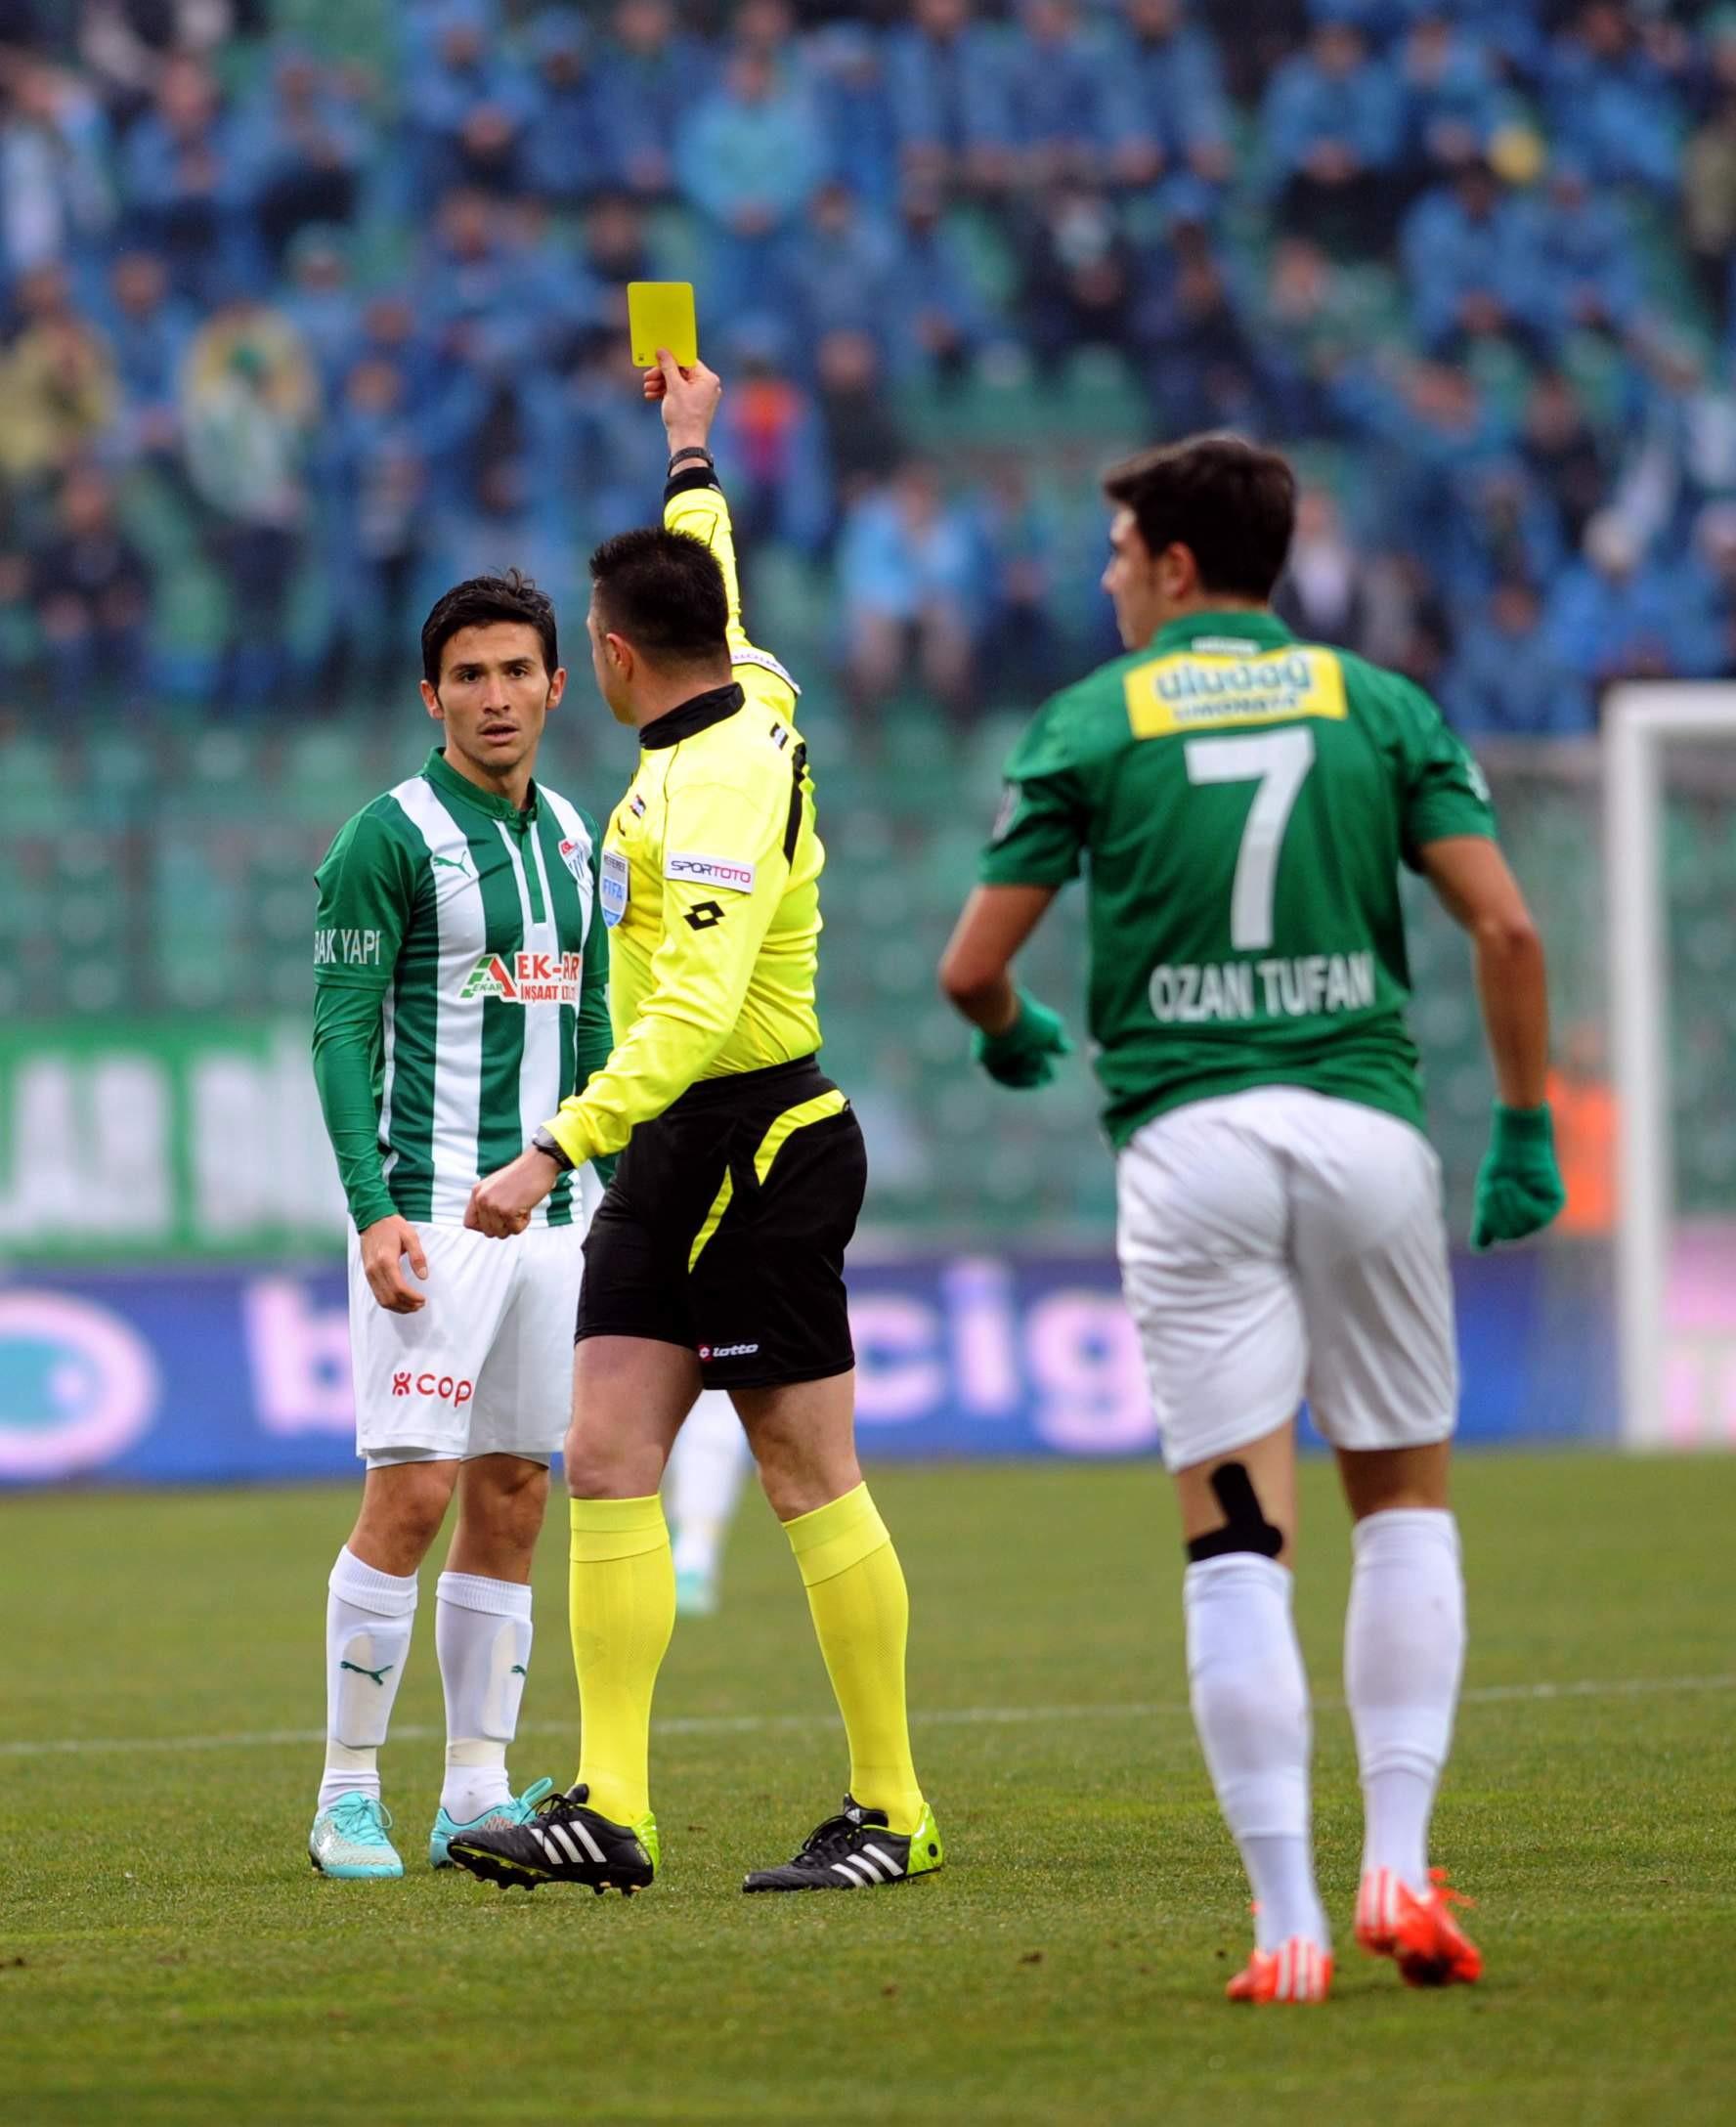 Bursaspor - Gençlerbirliği 19